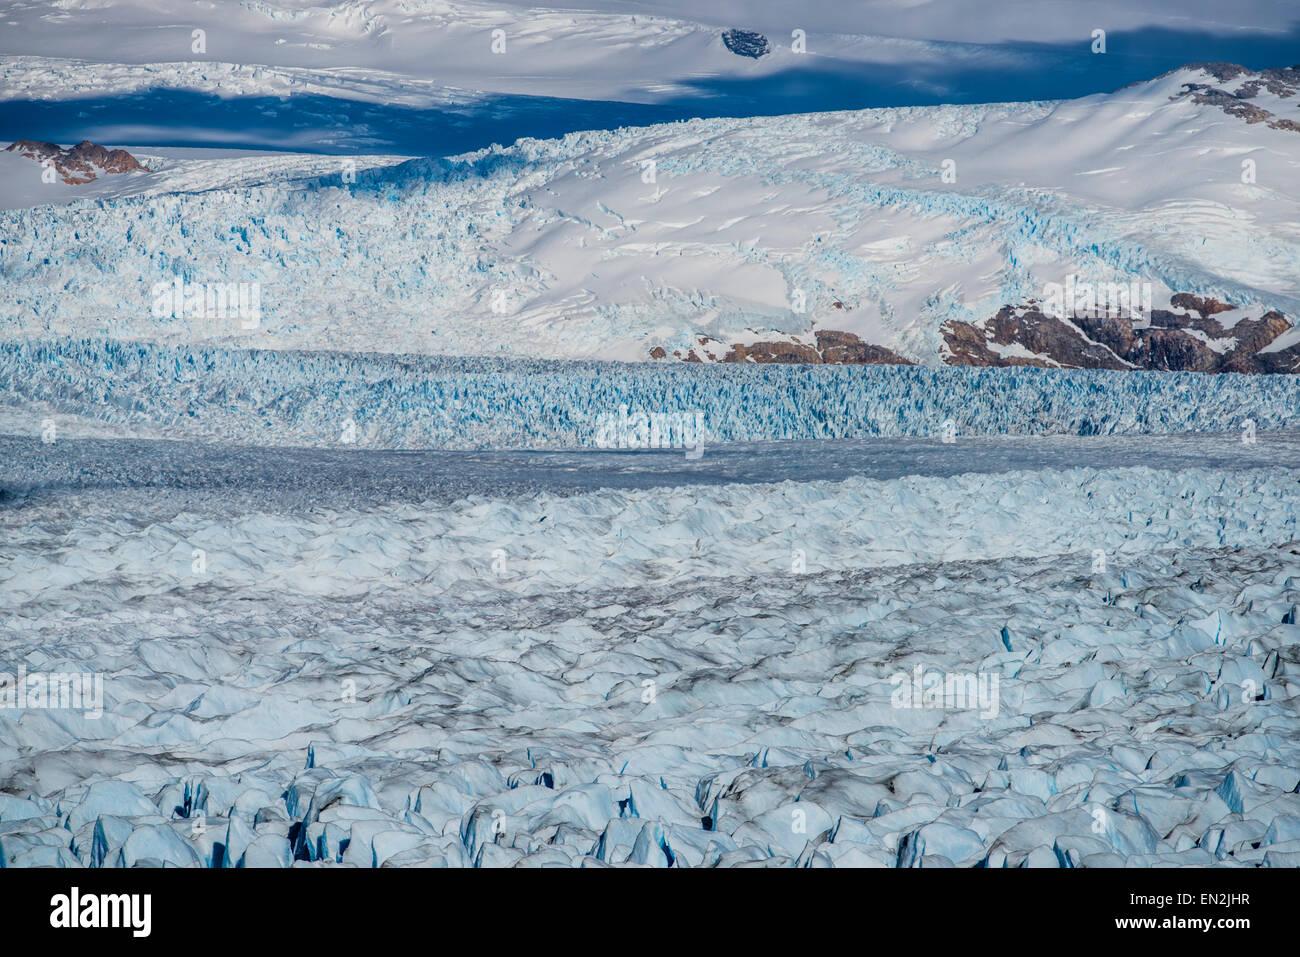 Glaciar Perito Moreno, Parque Nacional Los Glaciares, Santa Cruz, Argentina - Stock Image